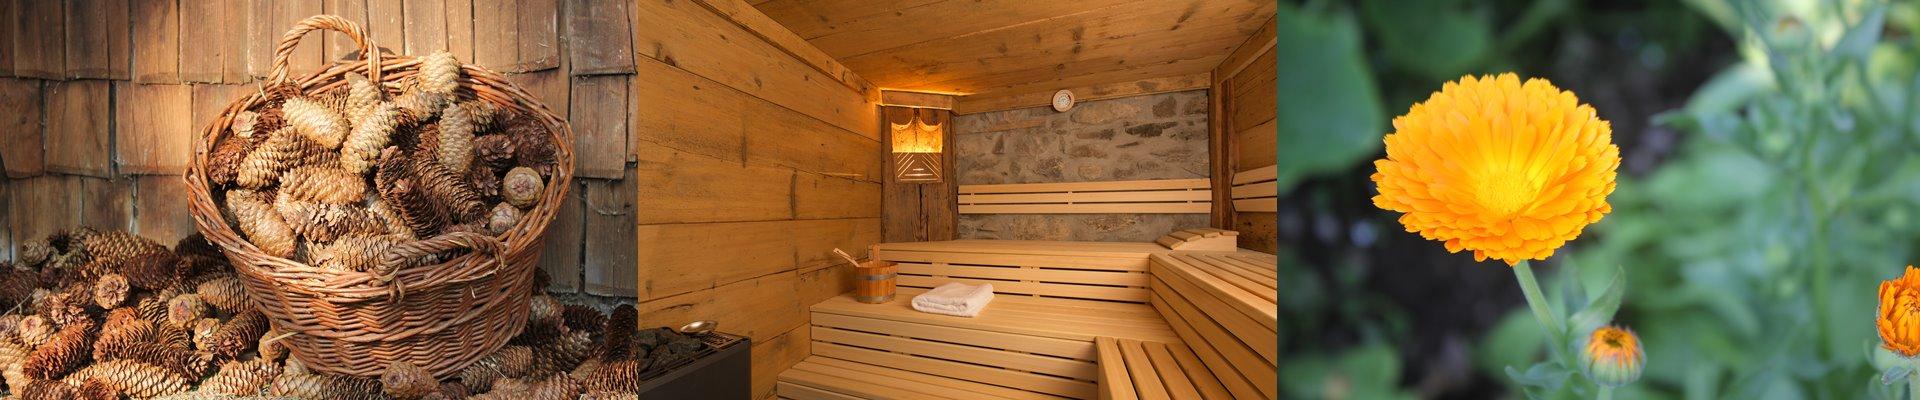 Collage: Tannenzapfen vor dem Ferienhaus + Sauna Innen + Gelbe Blüte / Griesbachhof-Schwarzwald